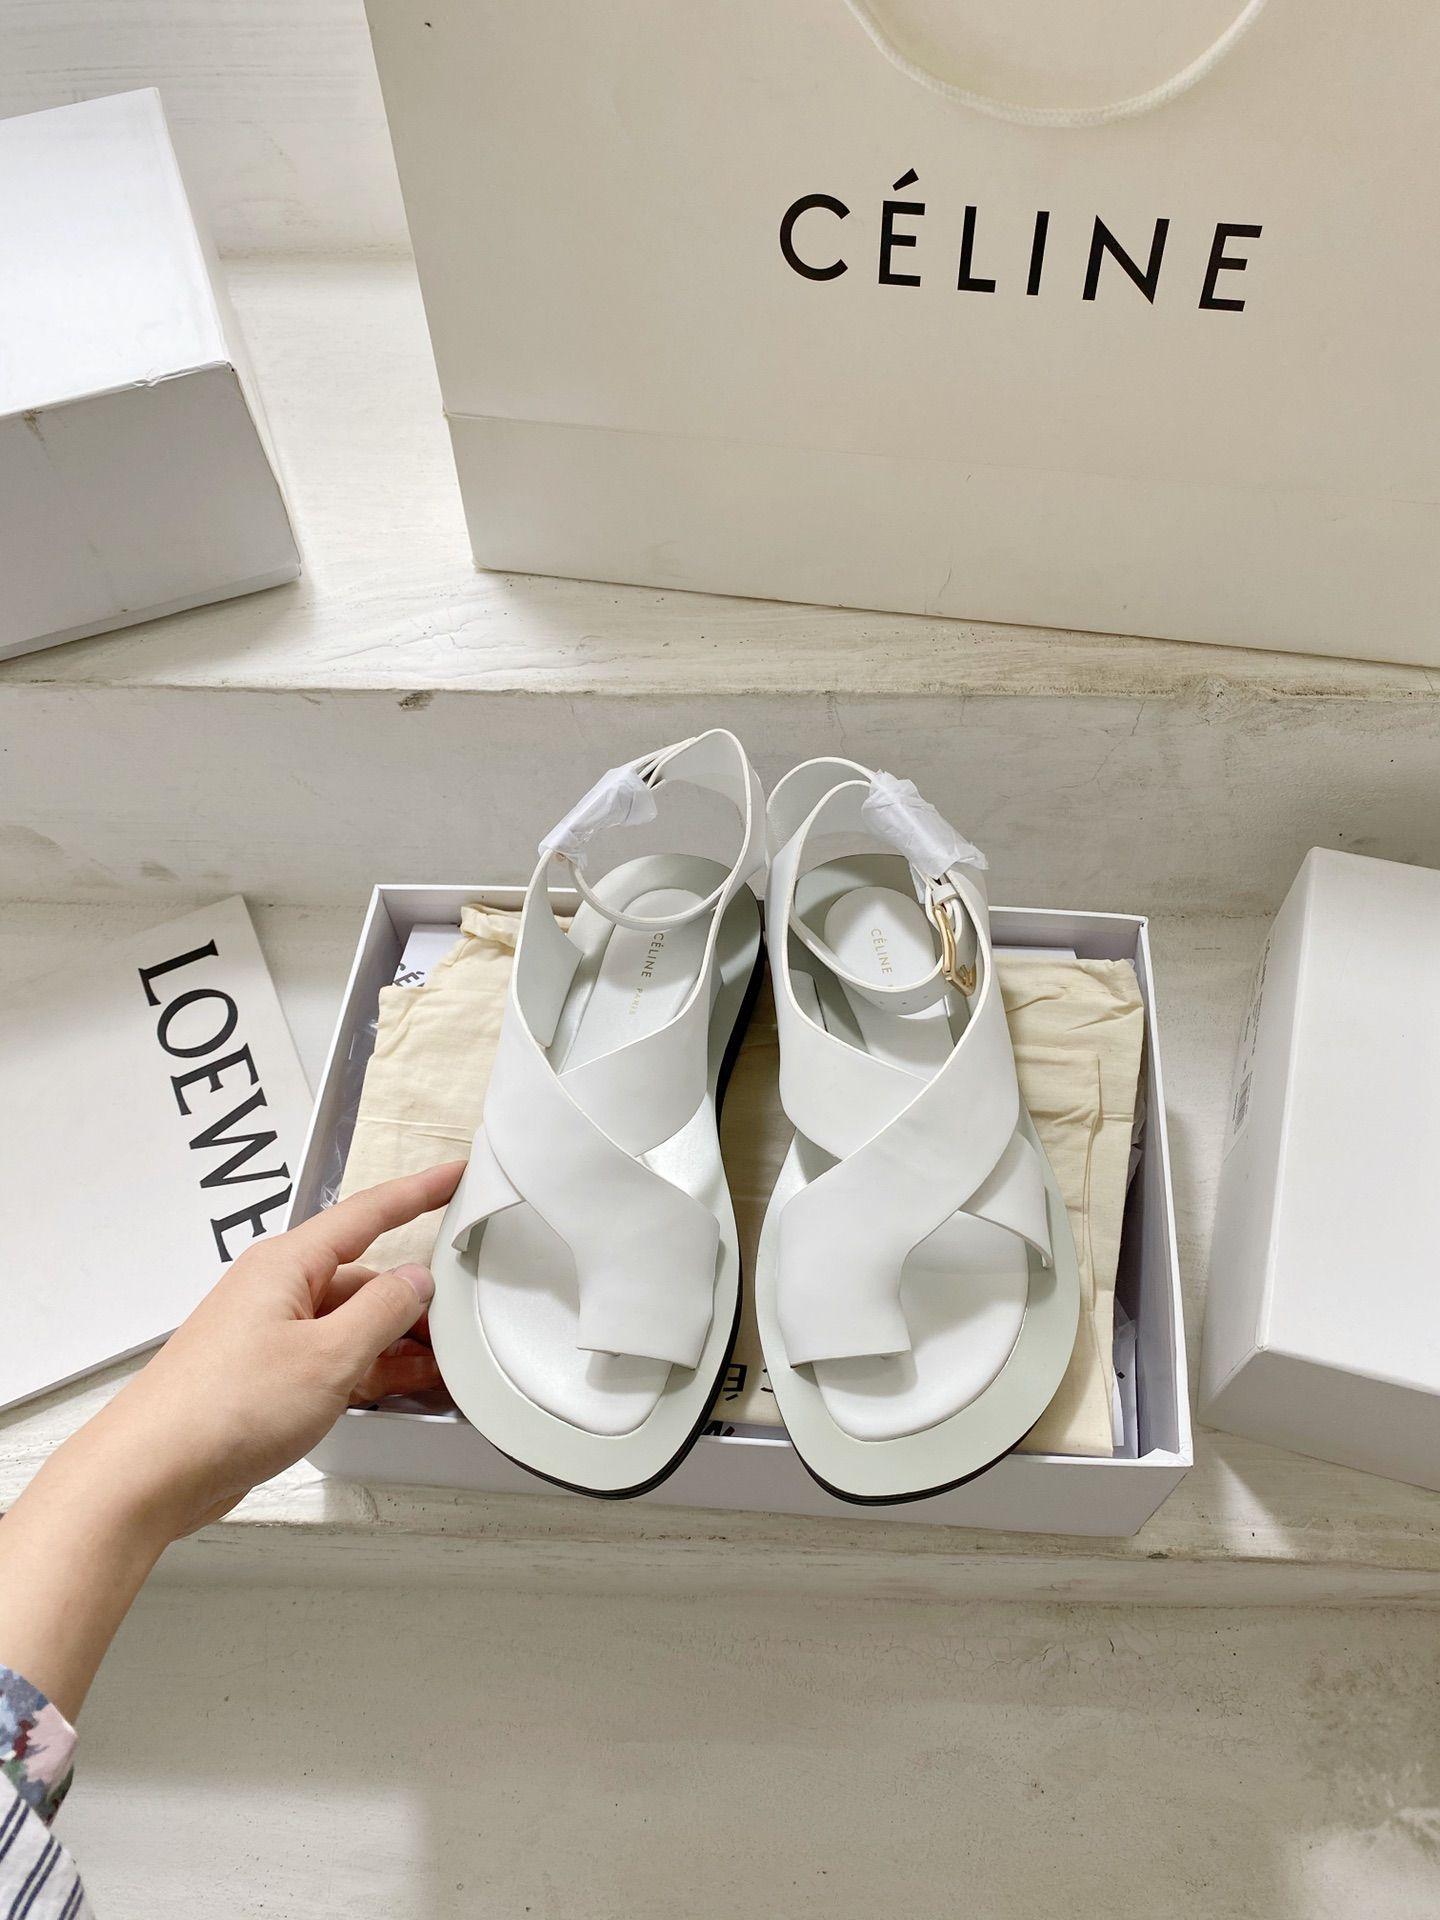 2020 cheap Celine sandal in white